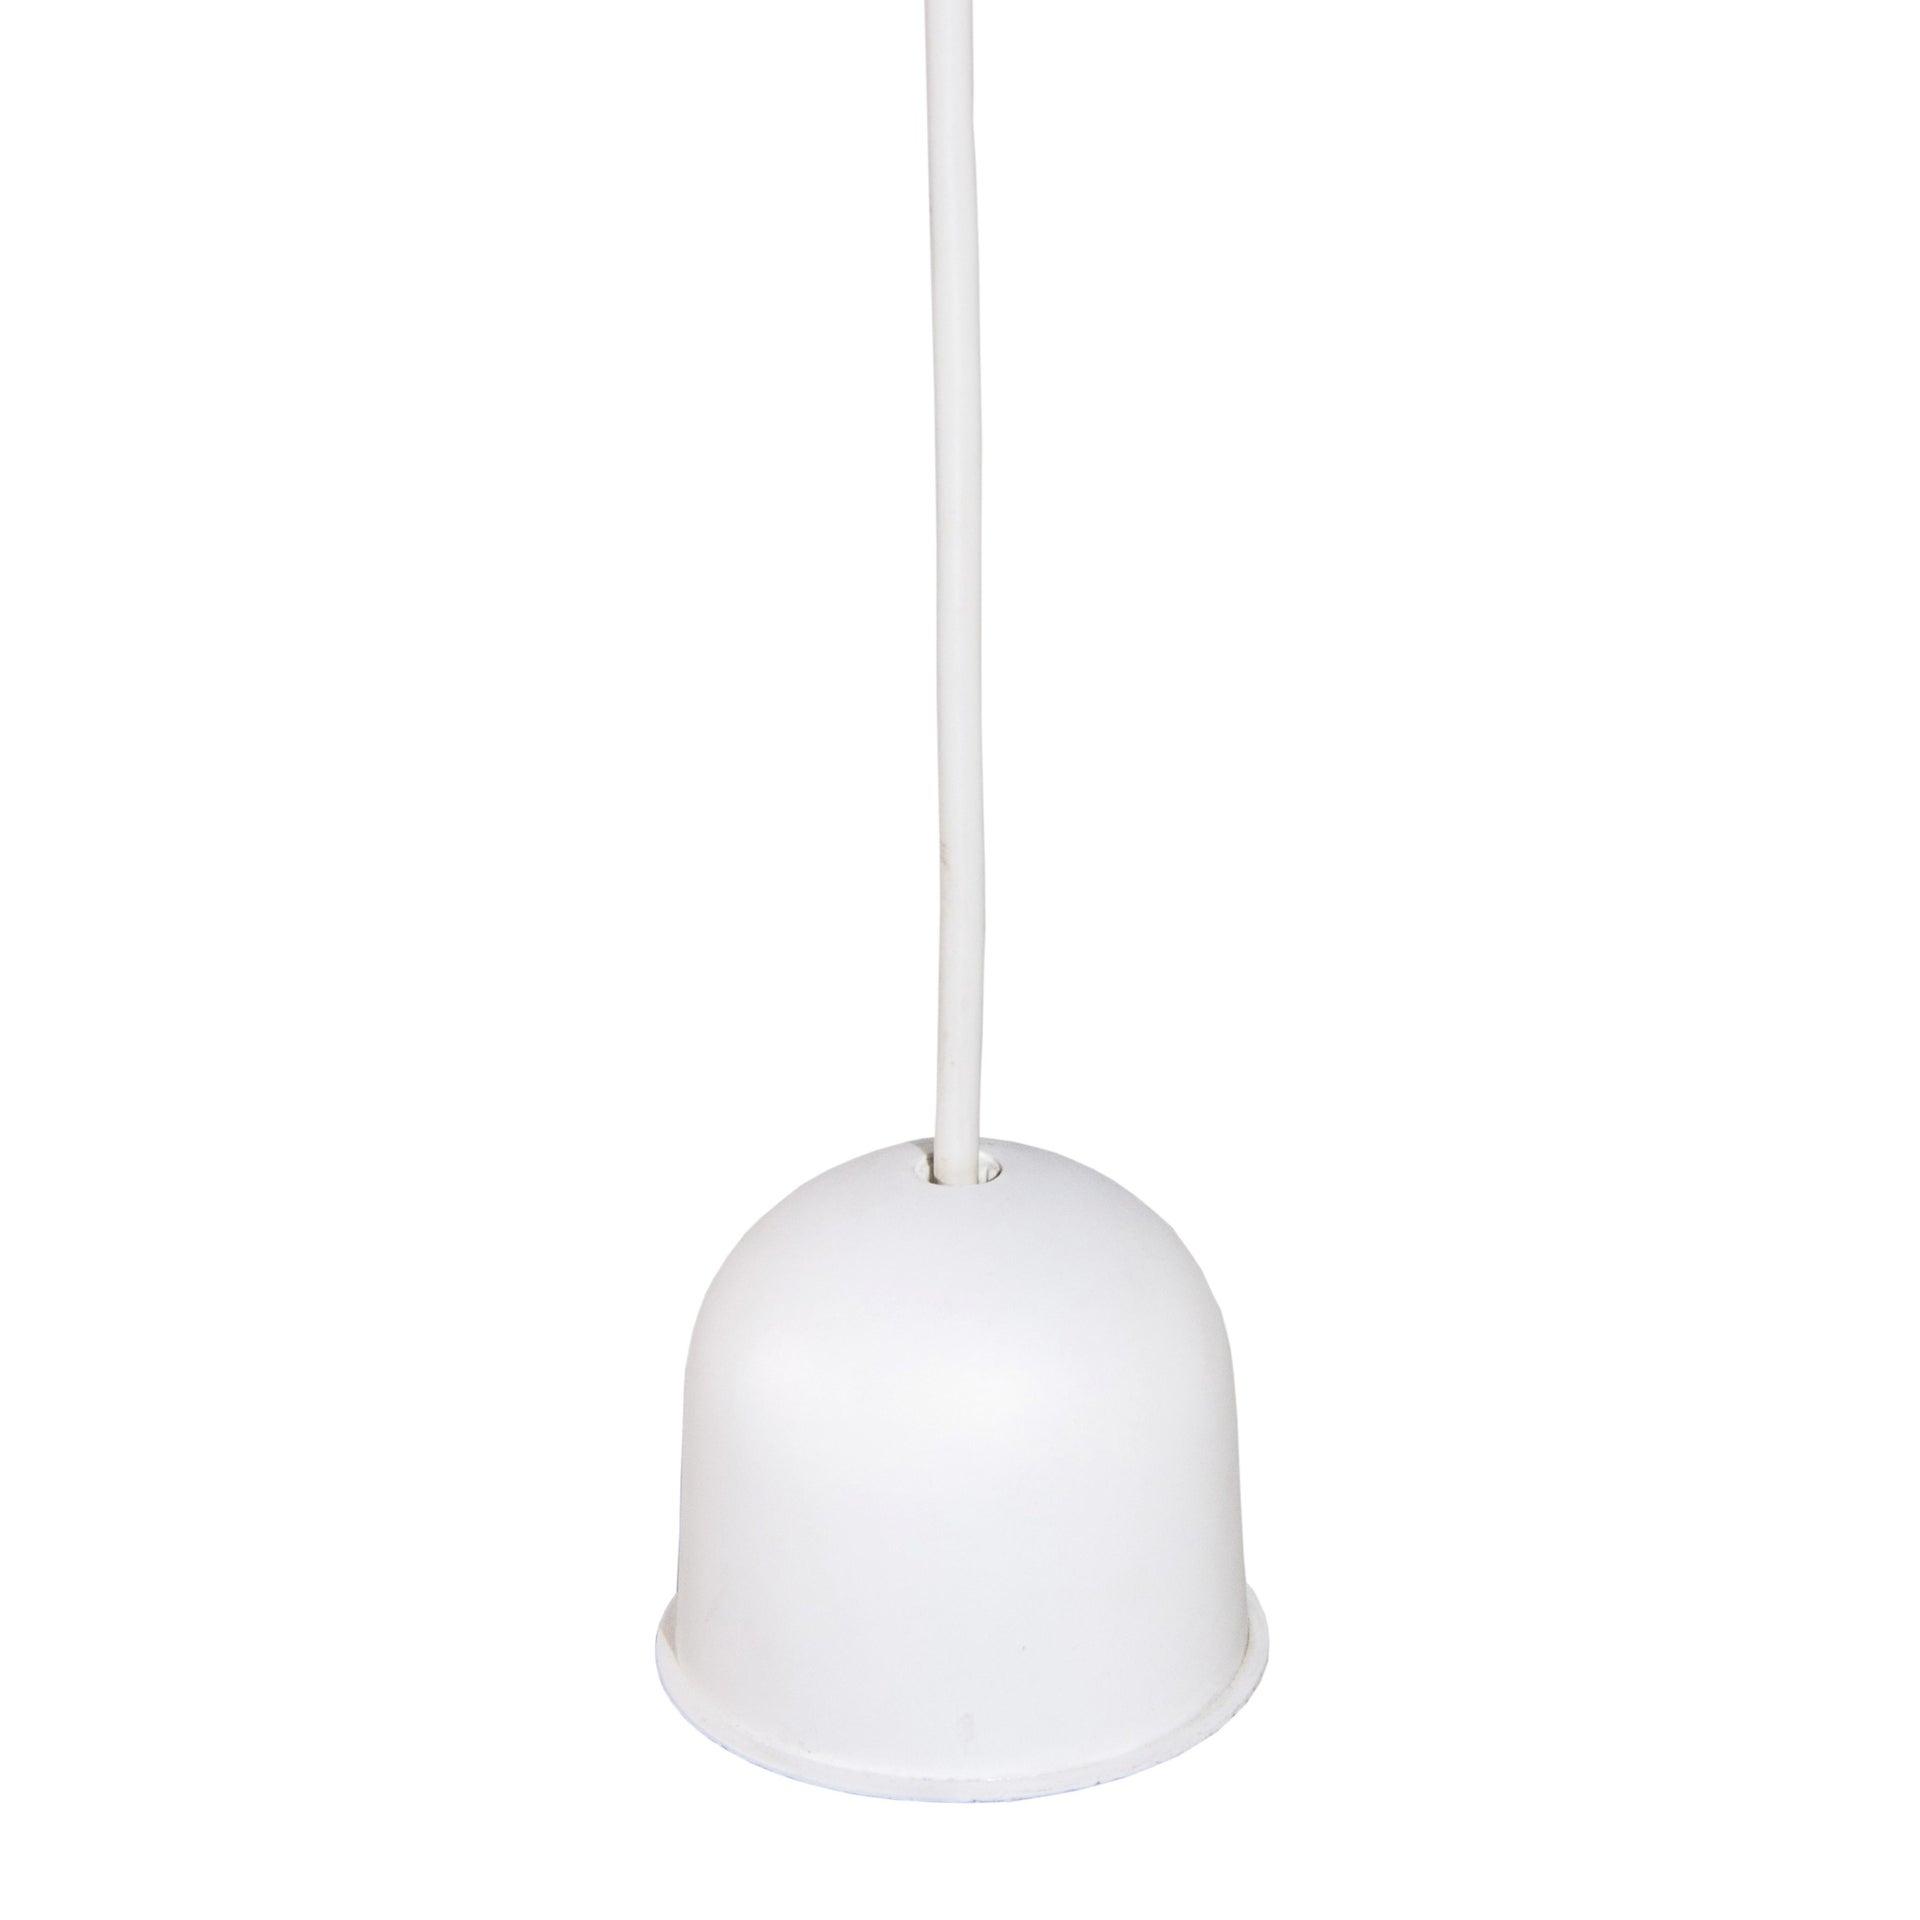 Lampadario Moderno Doppio Sbieco bianco, canna di fucile in tessuto, D. 40 cm - 5